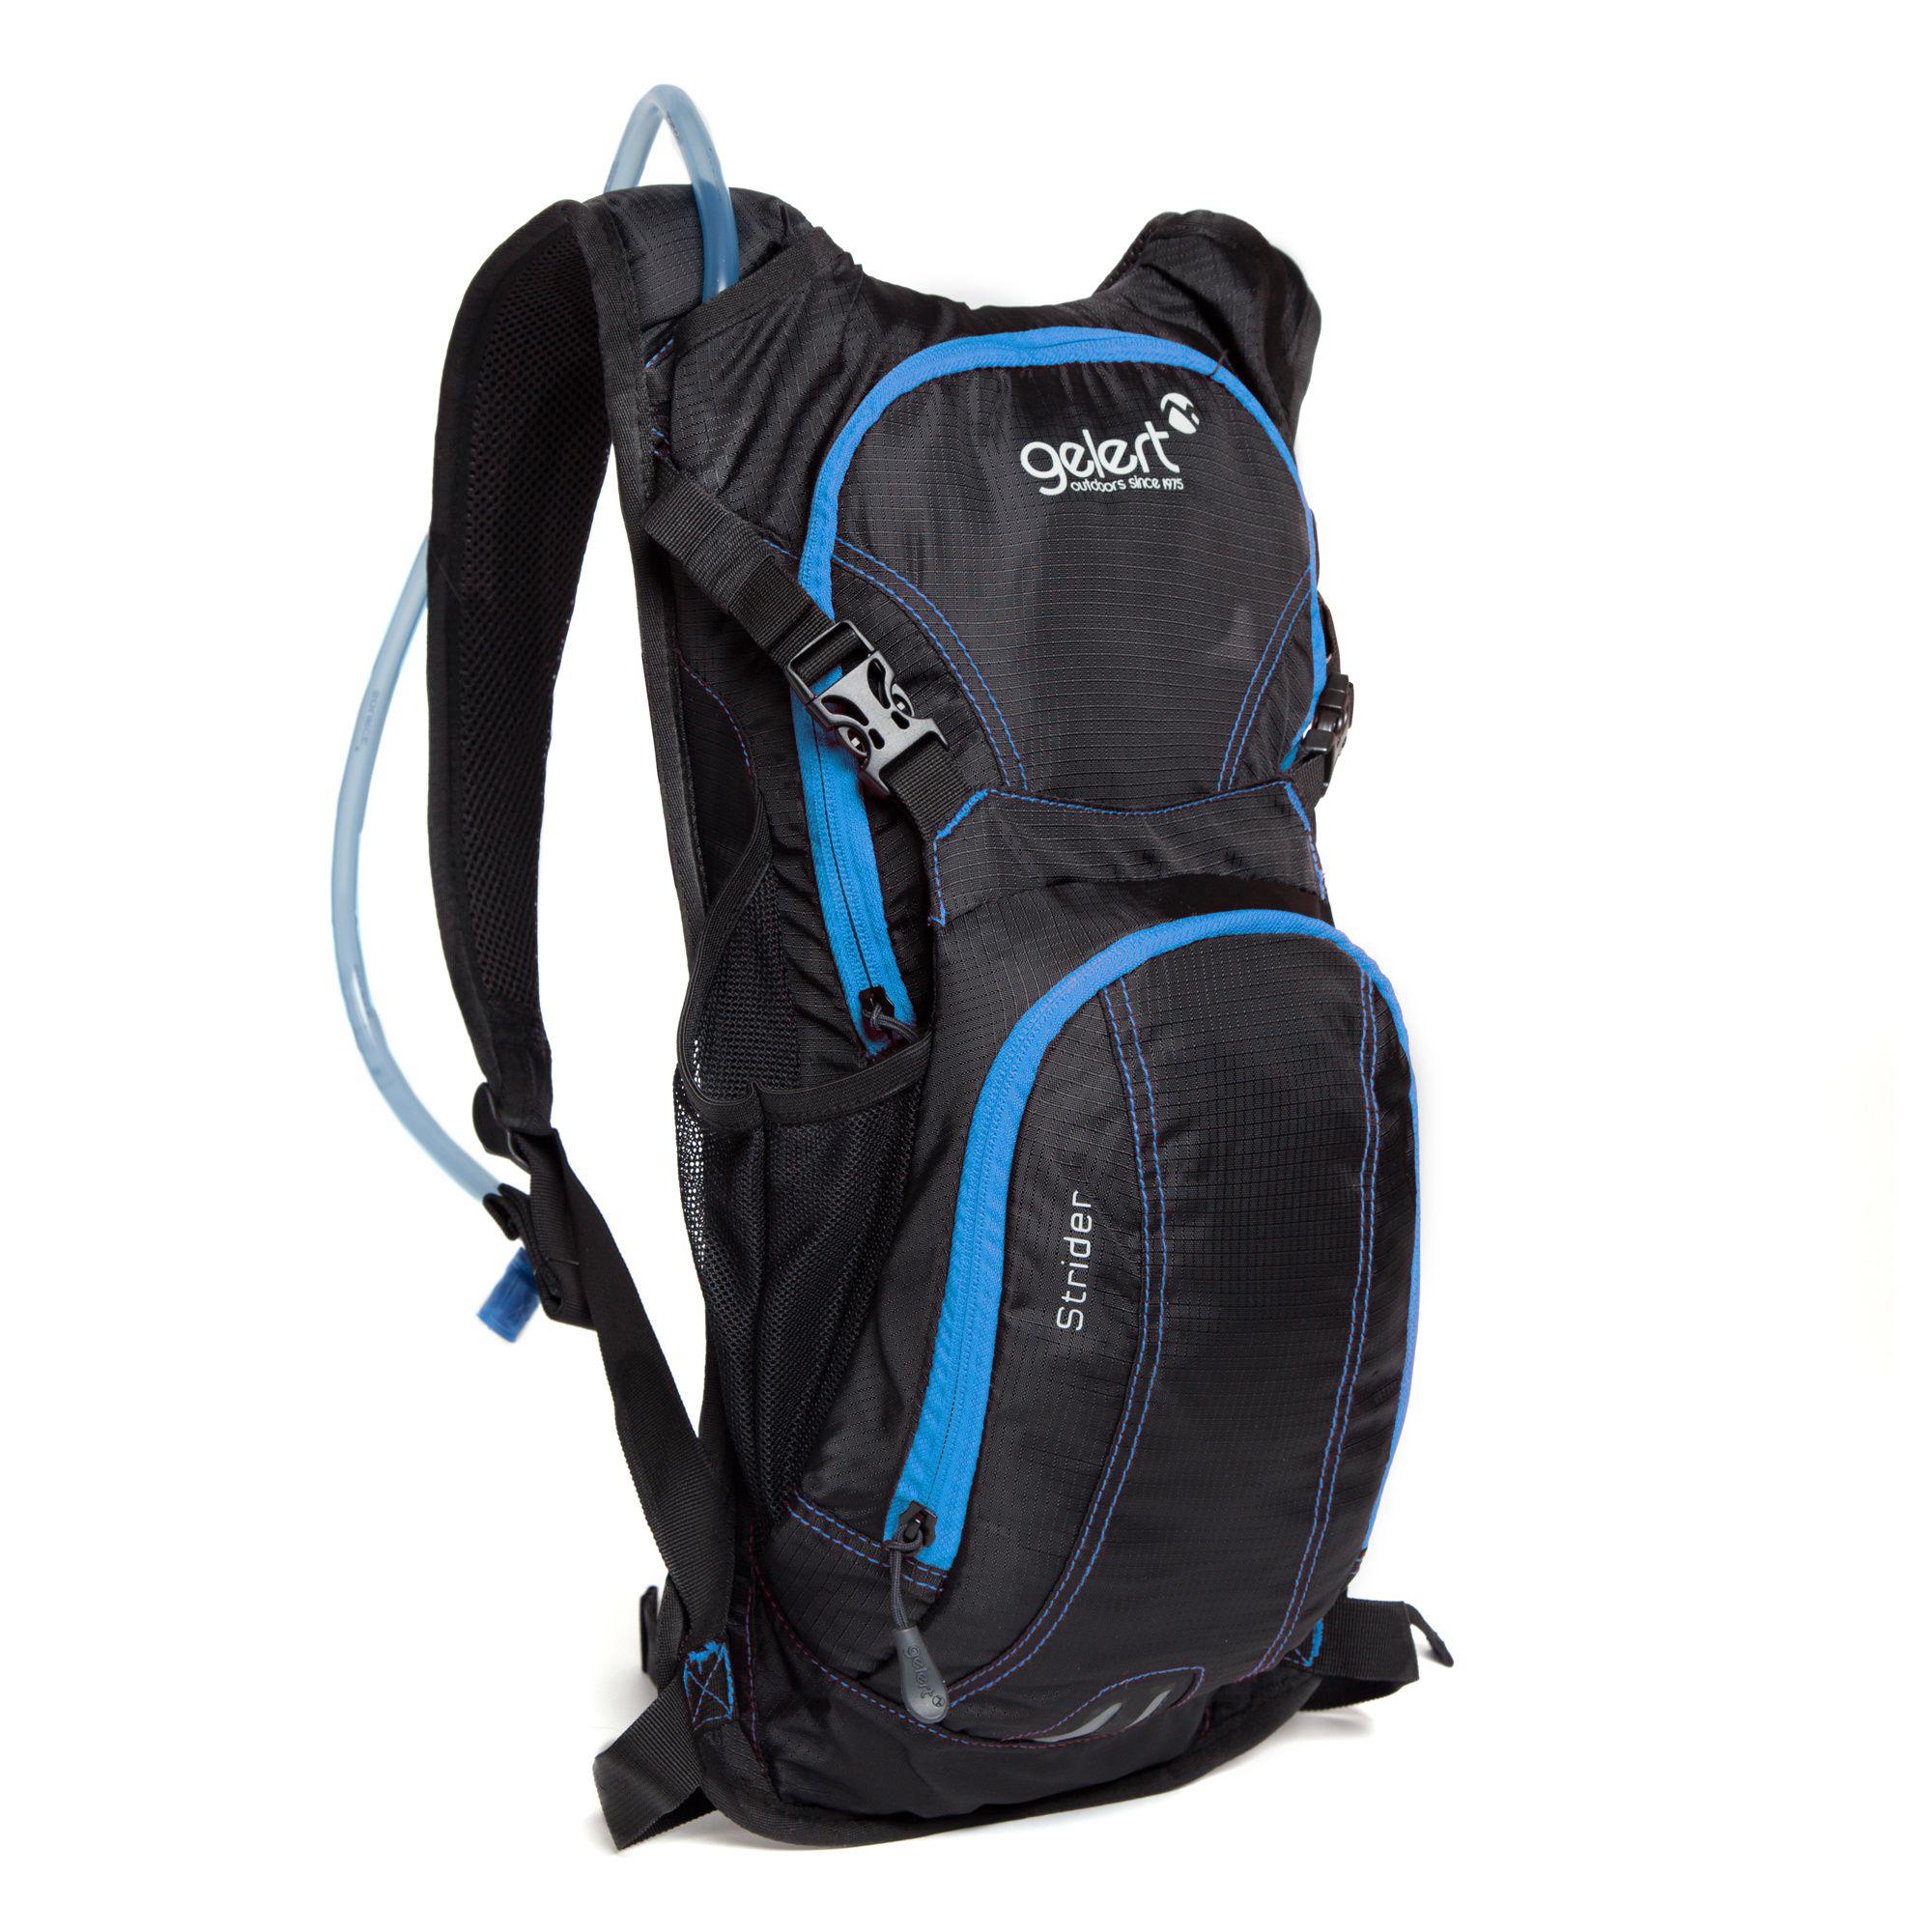 GELERT Strider 2L Hydro Pack